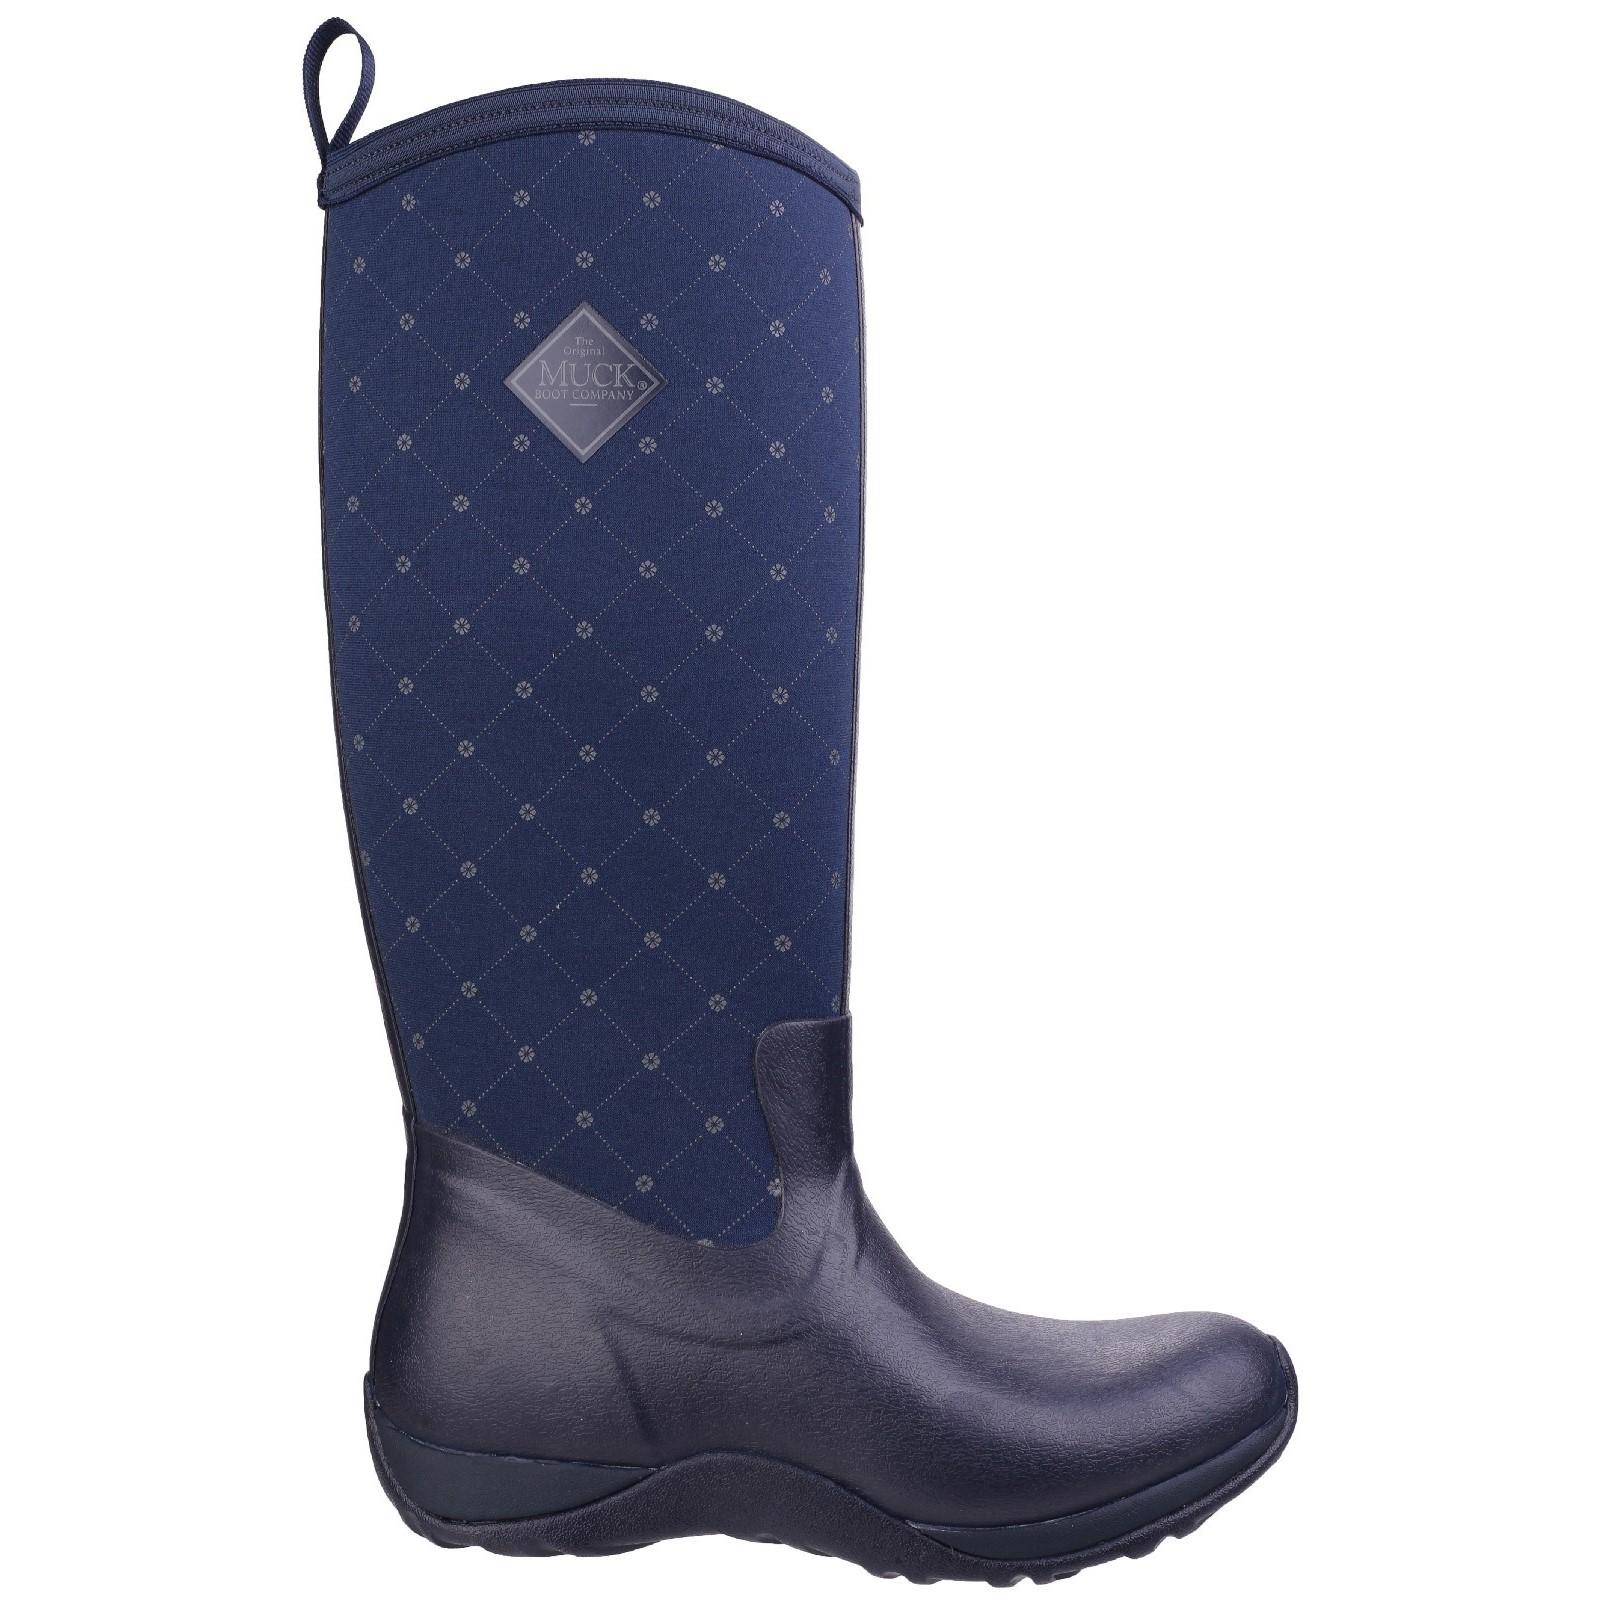 Muck-Botas-Calzado-Exterior-Sendero-Camping-Mujer-Artico-Adventure-Ponerse